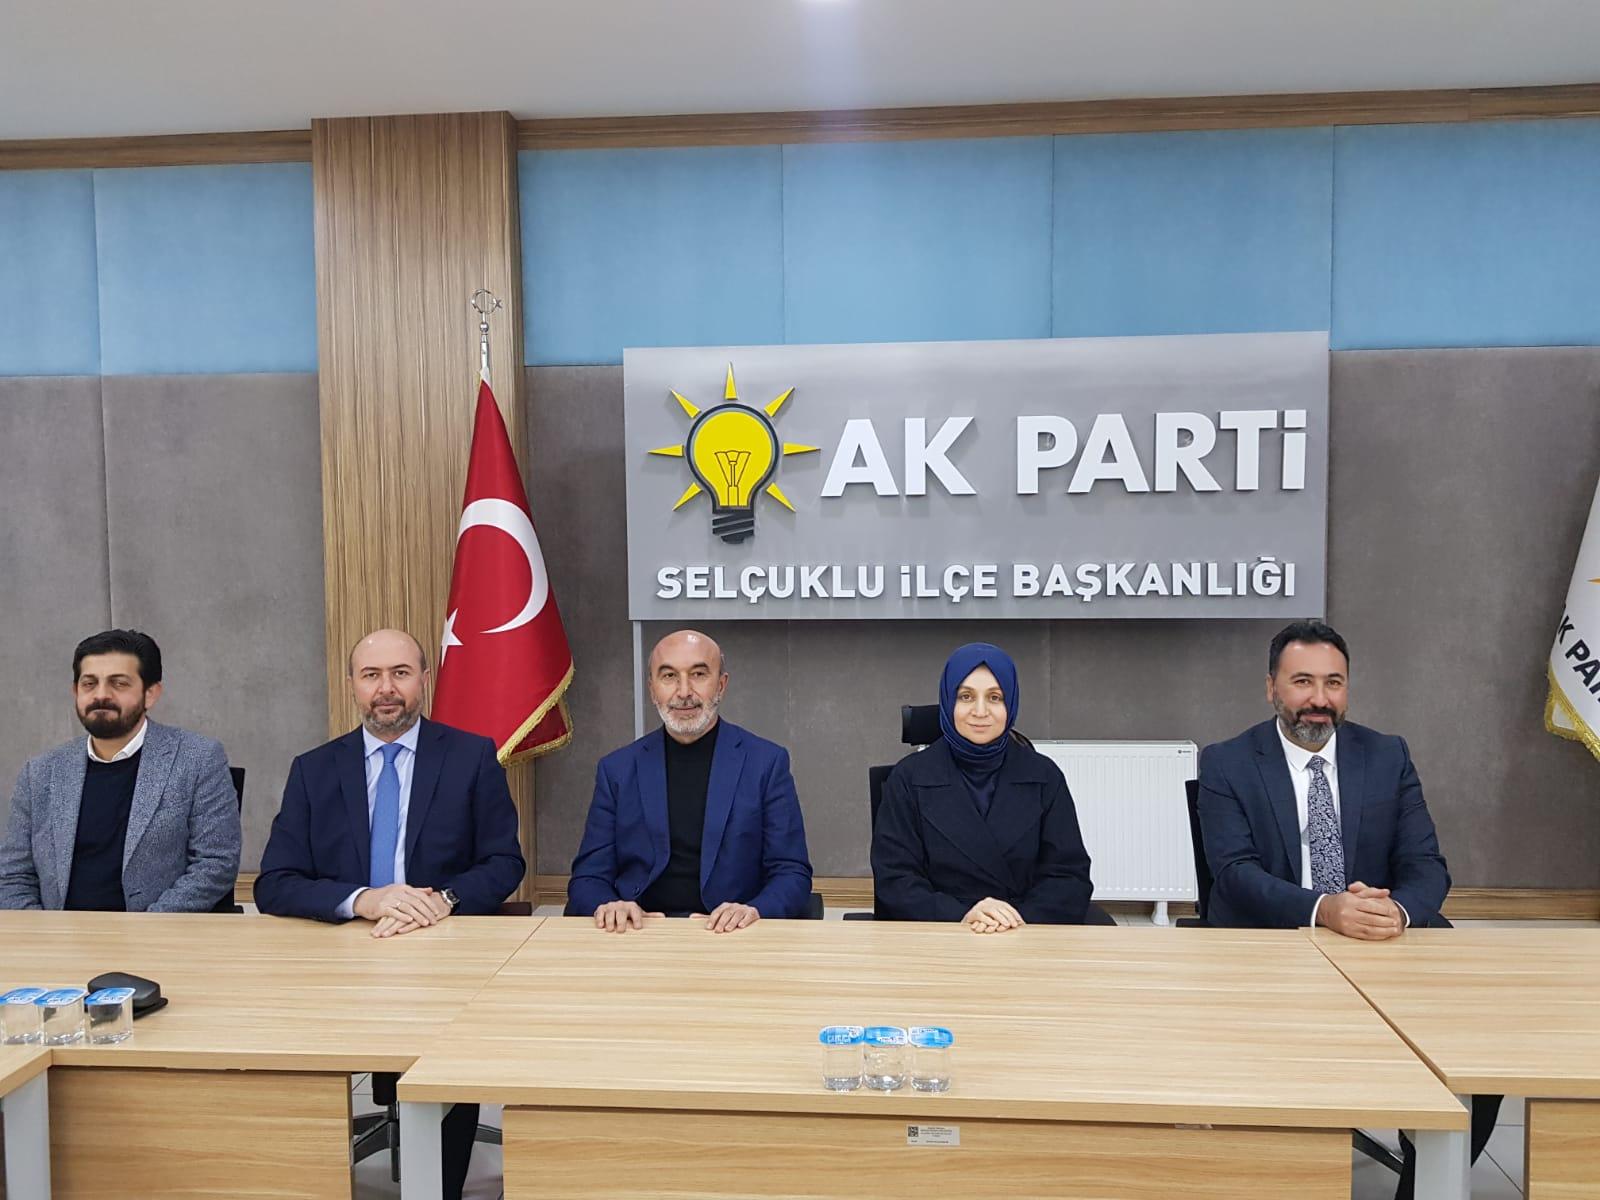 AK Parti Selçuklu'da yılın son toplantısı